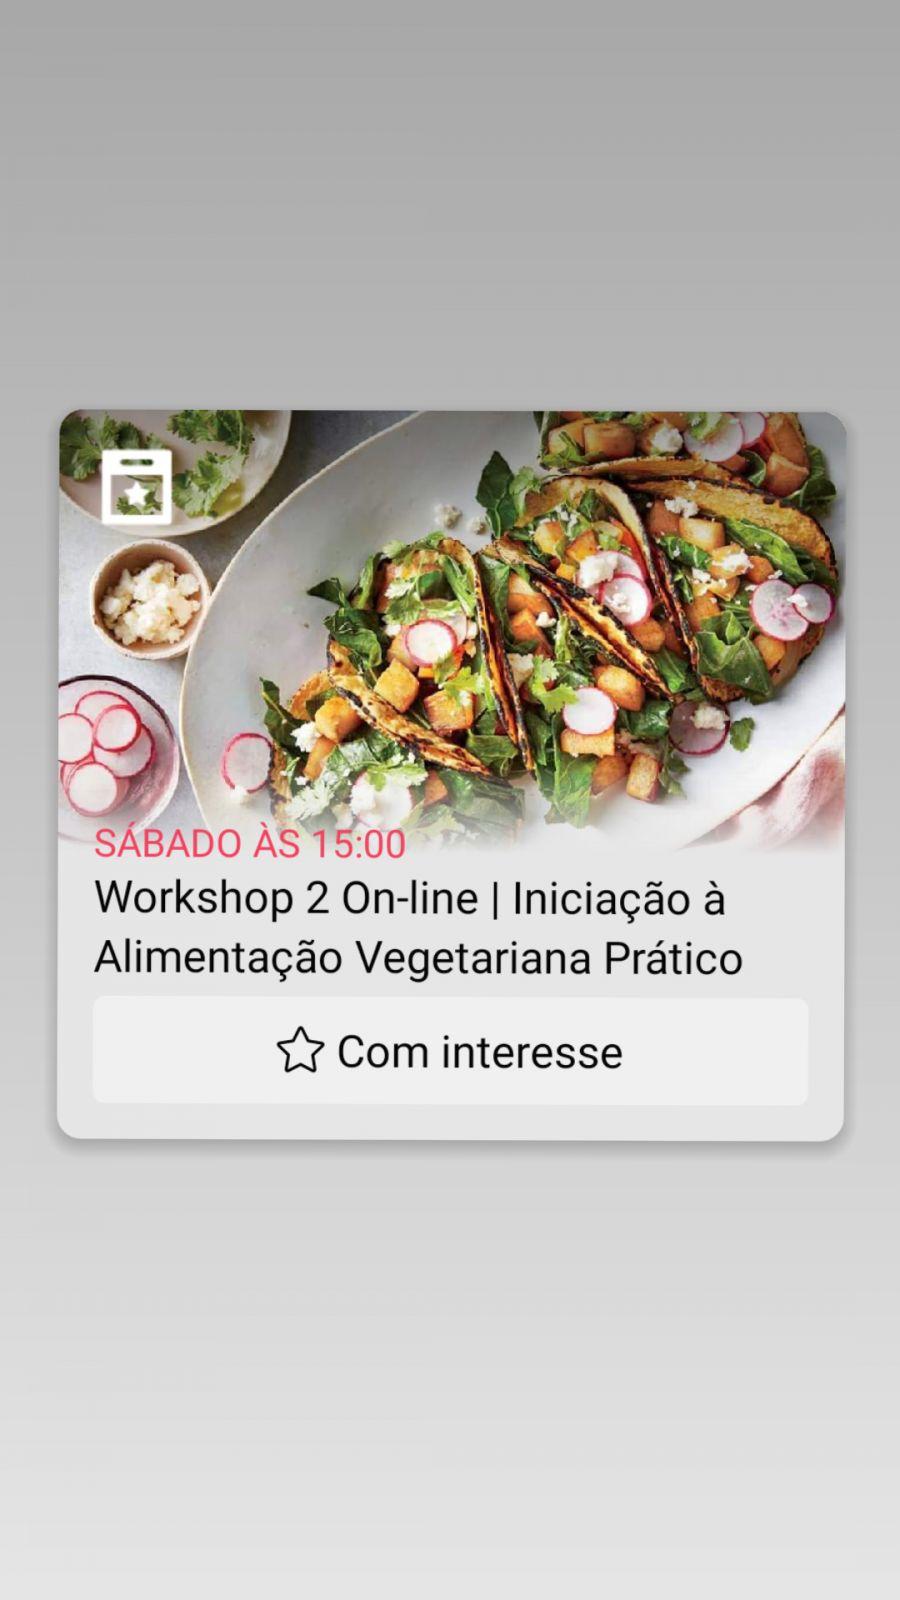 Workshop On-line | Iniciação à Alimentação Vegetariana Prático